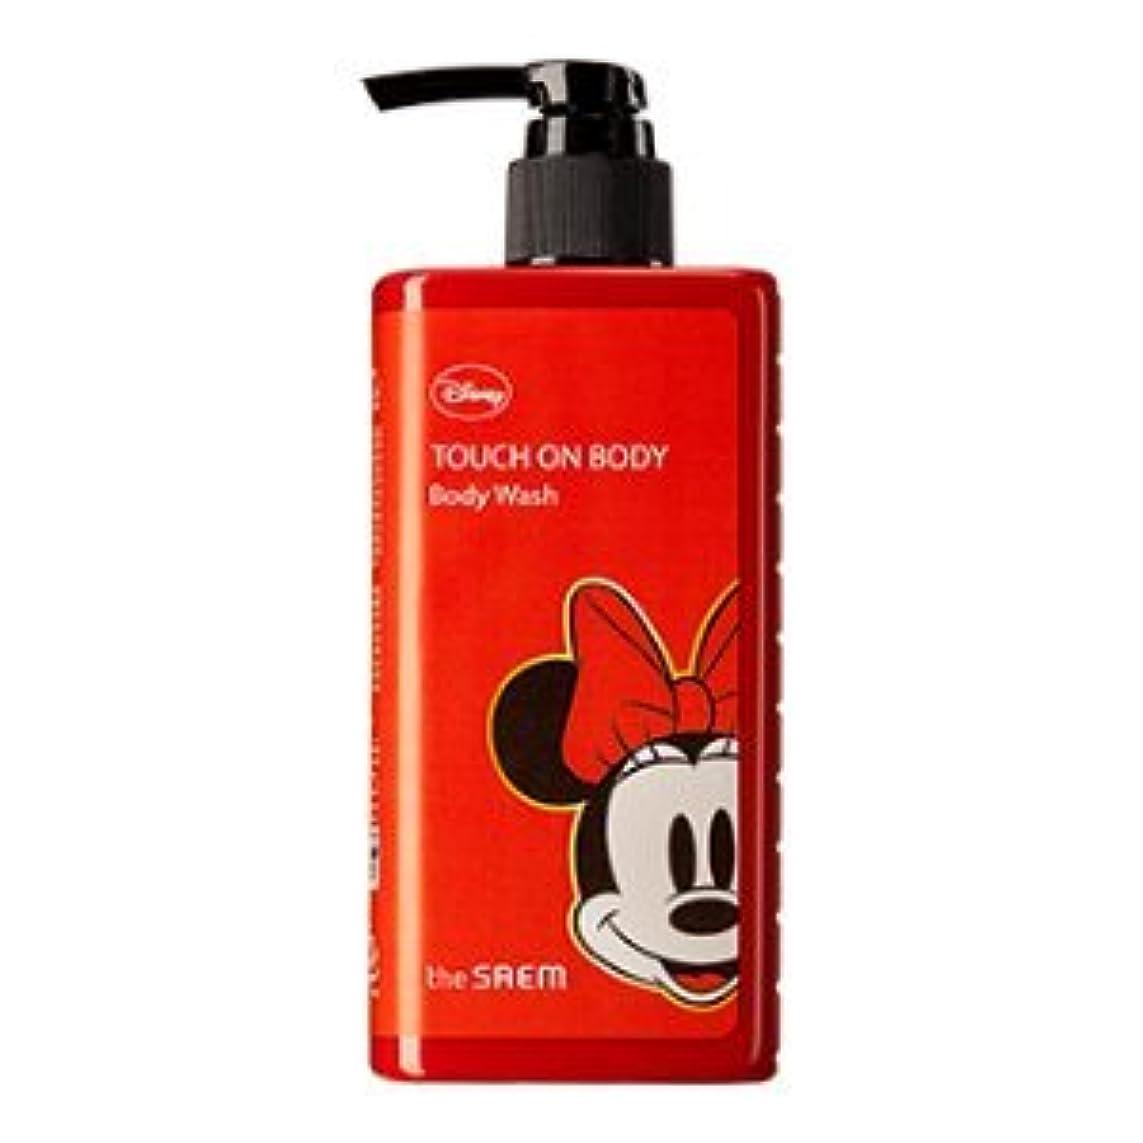 一元化する肺リラックス(The Saem X Disney )Touch On Body Acerola Body Wash 300ml / ザセム タッチオンボディーアセロラボディーウォッシュ (ディズニーエディション) [並行輸入品]